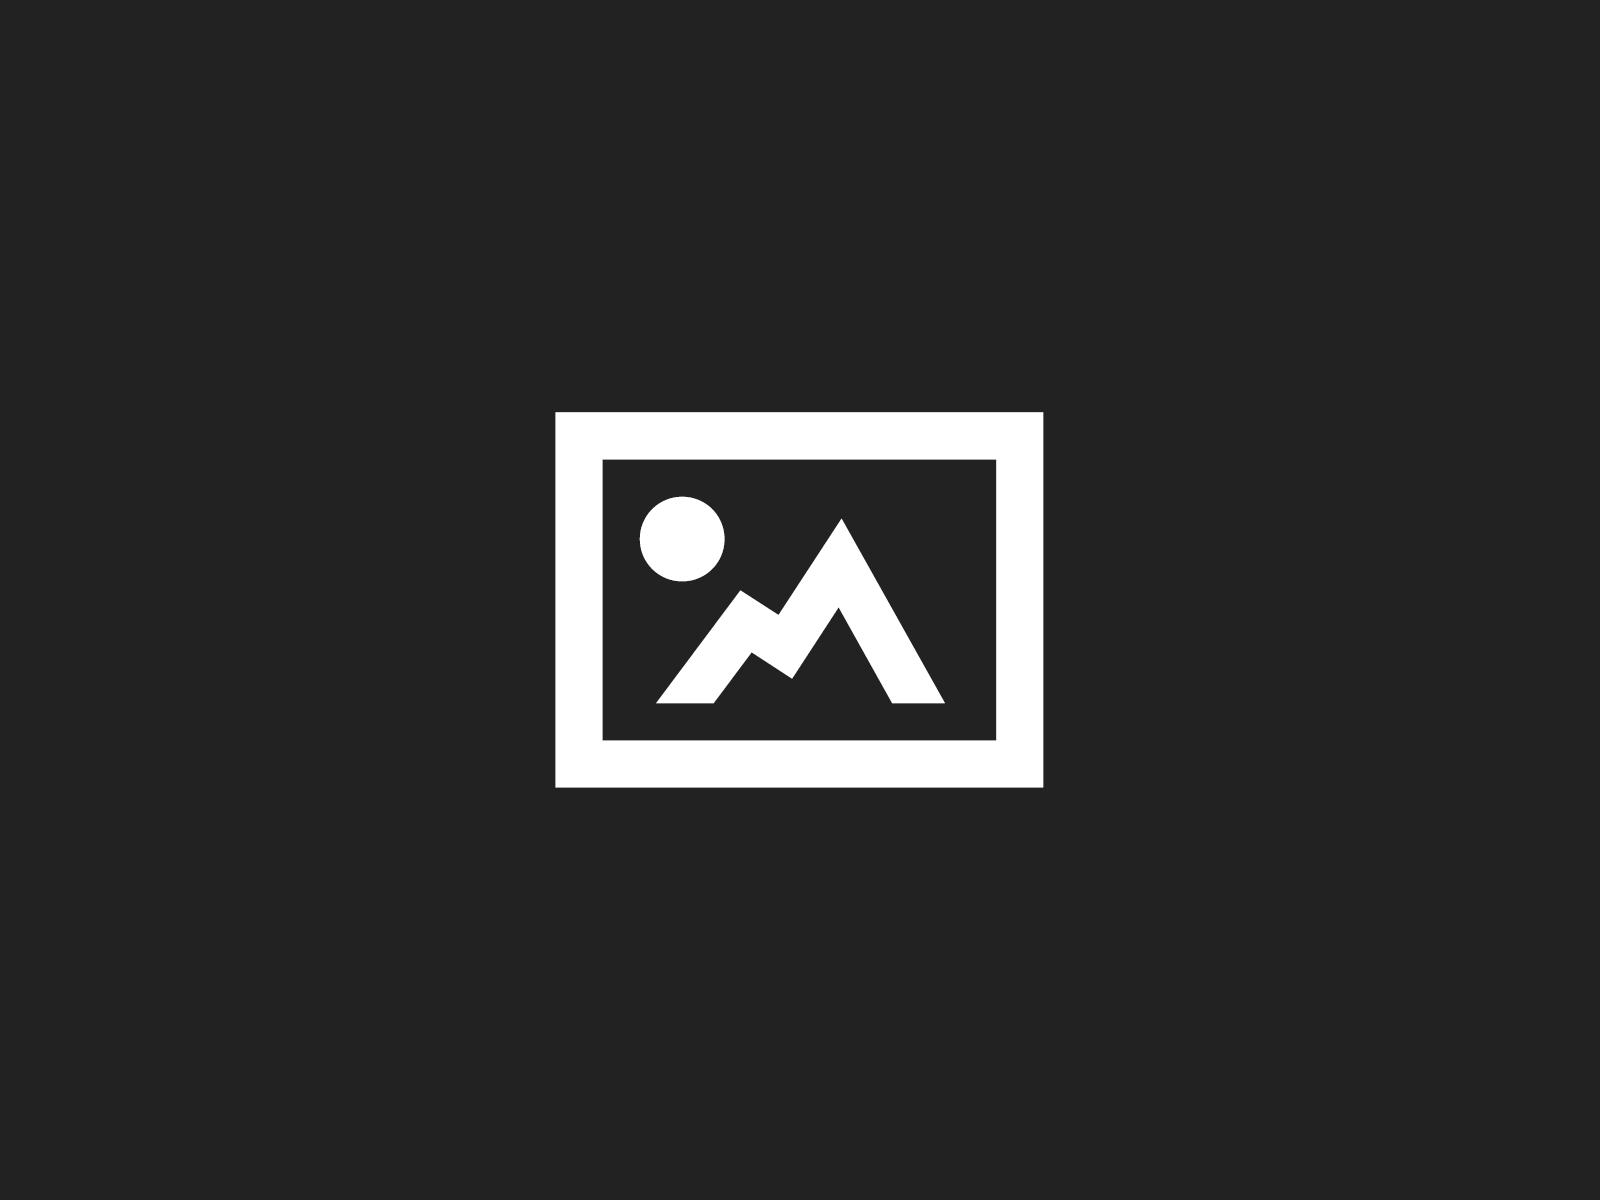 NMLRA by Ethan Yazel